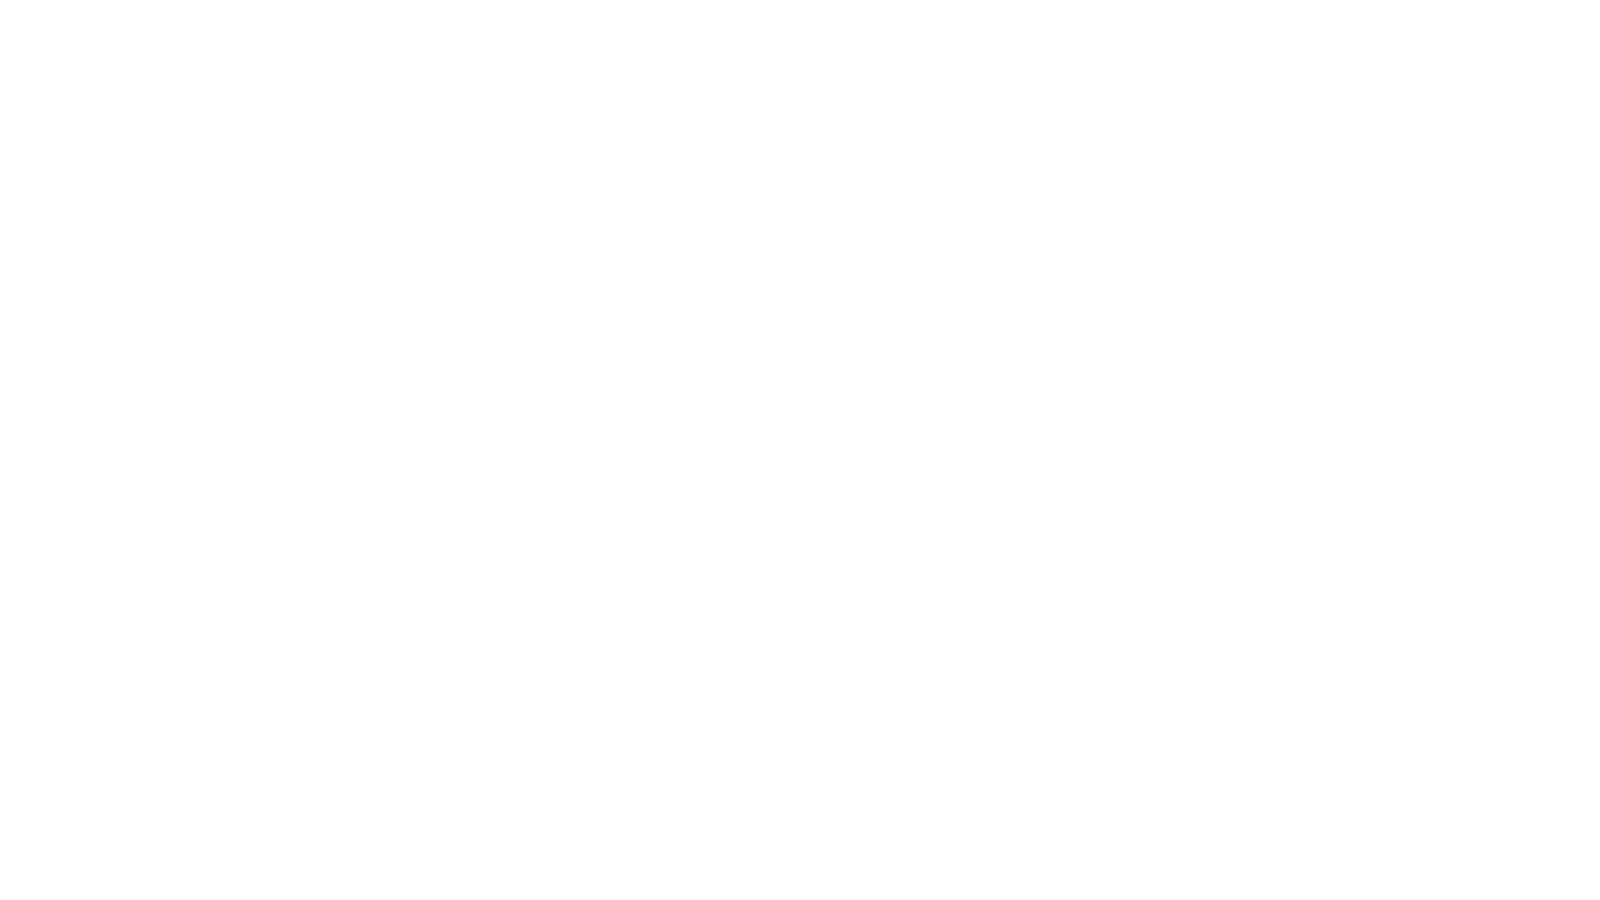 Marque essa data na sua agenda! Dia 20/07 às 19:30h eu o Tiago Maia iremos abordar o assunto #rentabilidade na locaçãodeimóveis. Você sabia que para cada semana que o imóvel fica vazio o retorno anual do aluguel é reduzida em 2%?   Para cada mês com imóvel desocupado, você perde cerca de 8% de sua receita anual potencial 💸💸  Se você quer saber mais como potencializar a rentabilidade do seu #imóvel não perca! Papo reto e prático! Quem nos conhece já sabe dessa nossa pegada.  Se inscreva no Canal, abaixo segue nosso contato e mídias sociais:  Site: https://daihaneetiago.com.br E-mail: daihane.imoveis@gmail.com WhatsApp: (71) 9.9699-9599 Loja: https://leidoinquilinatonapratica.com.br/loja/  Redes Sociais: https://instagram.com/daihane_ https://facebook.com/daihaneetiago